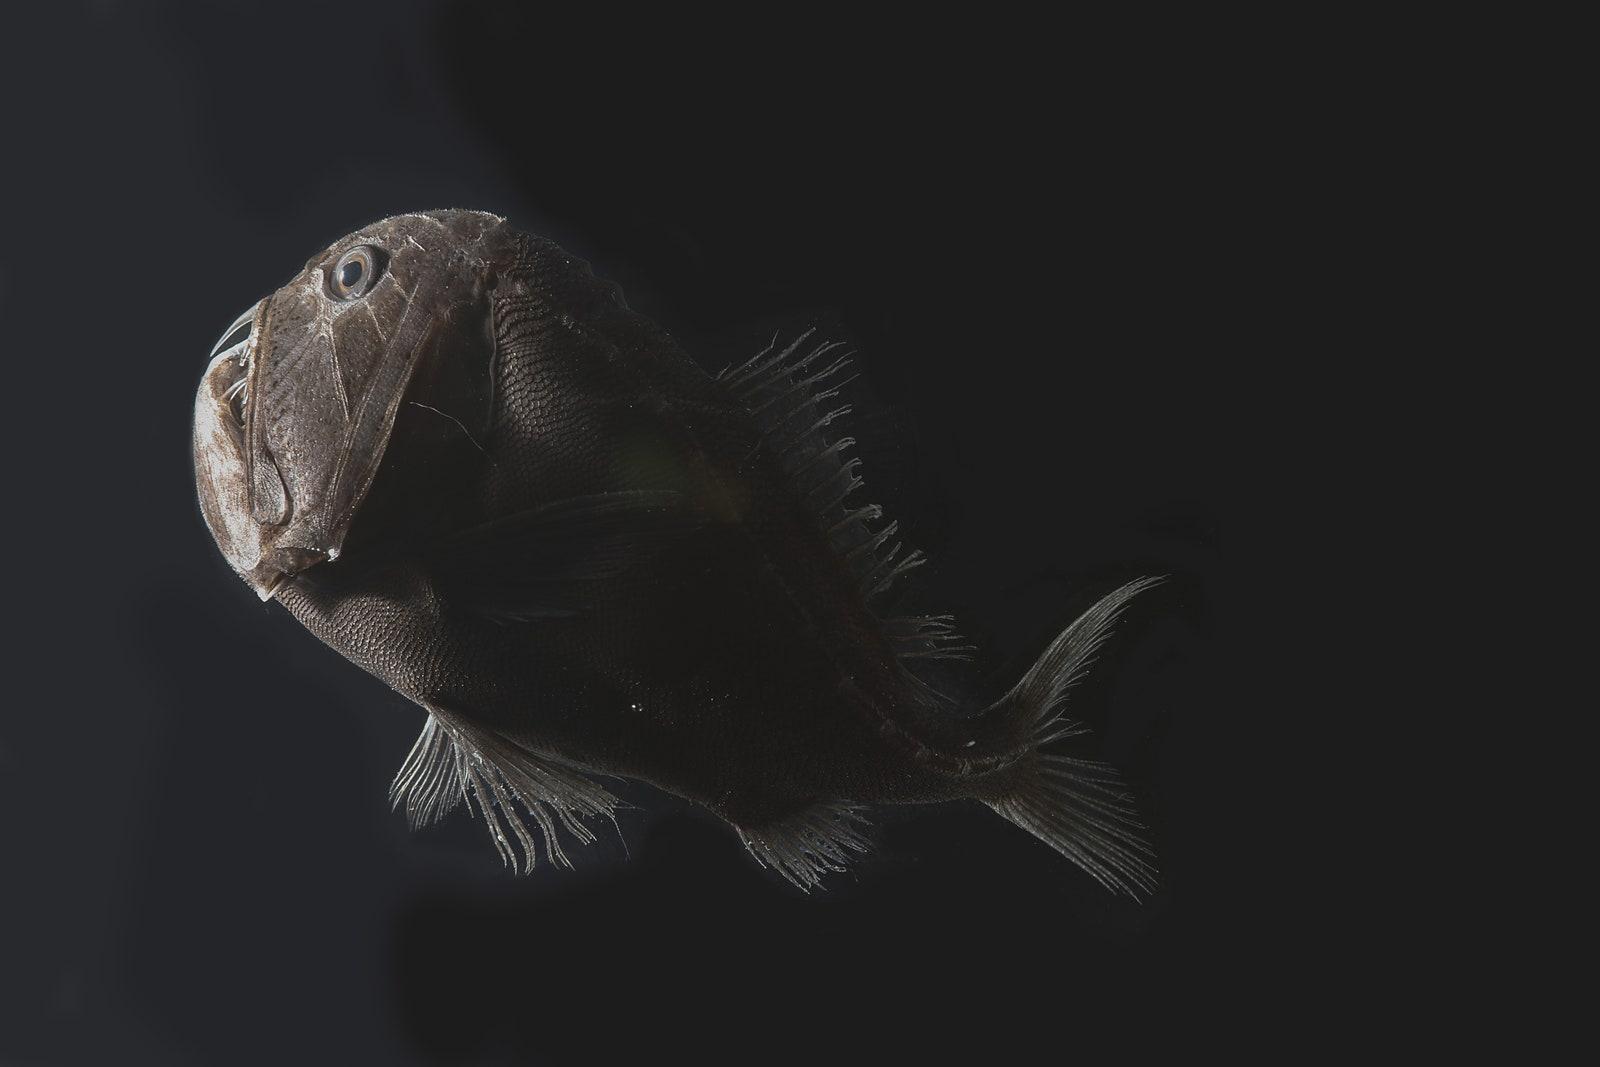 Descubren peces abisales con piel que absorbe 99% de la luz